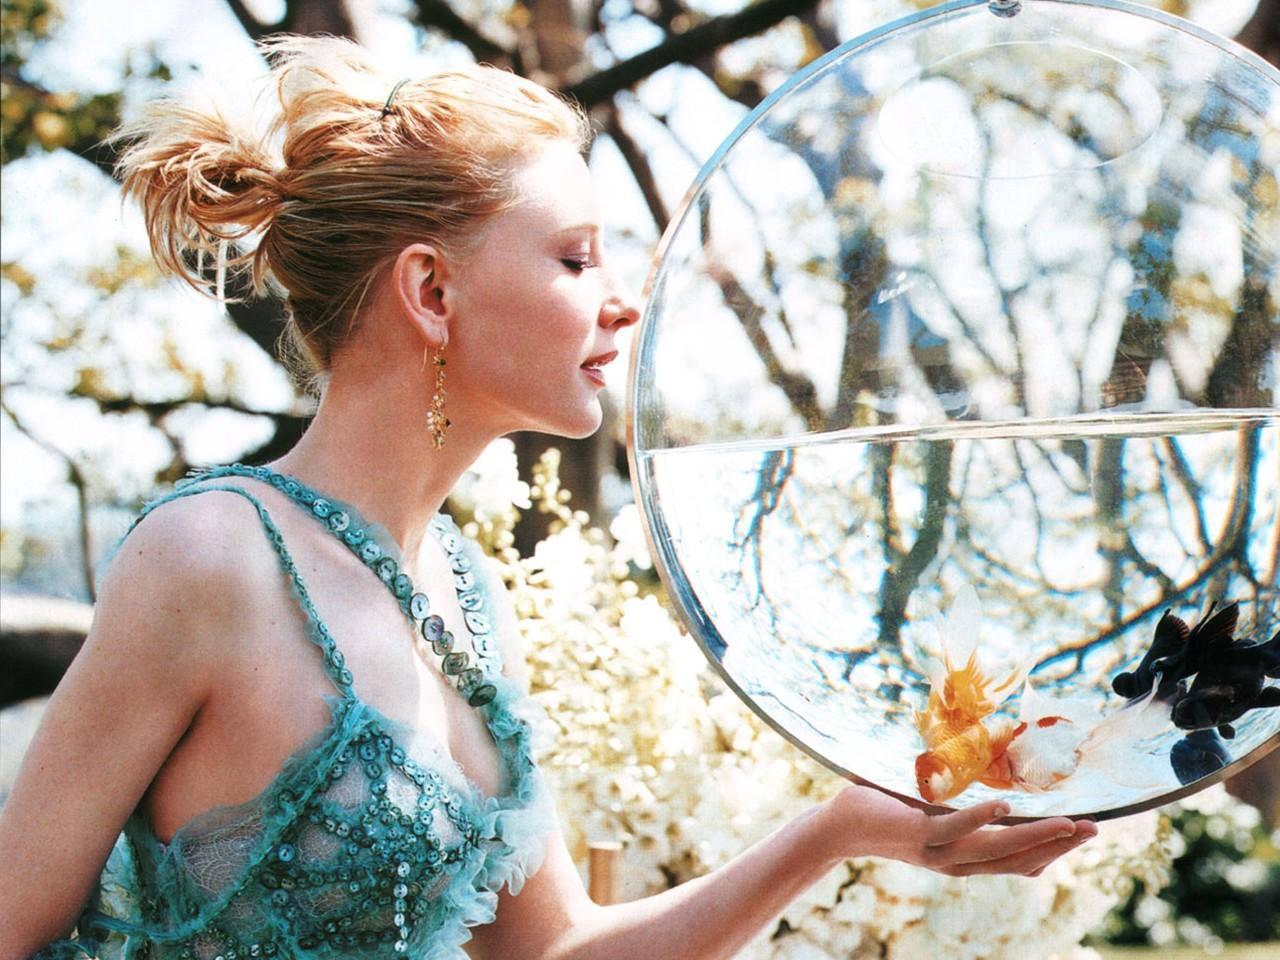 http://3.bp.blogspot.com/_Si7zjQmZnm4/SpC0YYirB4I/AAAAAAAAEtU/6iEZskPcQ6s/s1600/Fullwalls.blogspot.com_Cate_Blanchett%2819%29.jpg